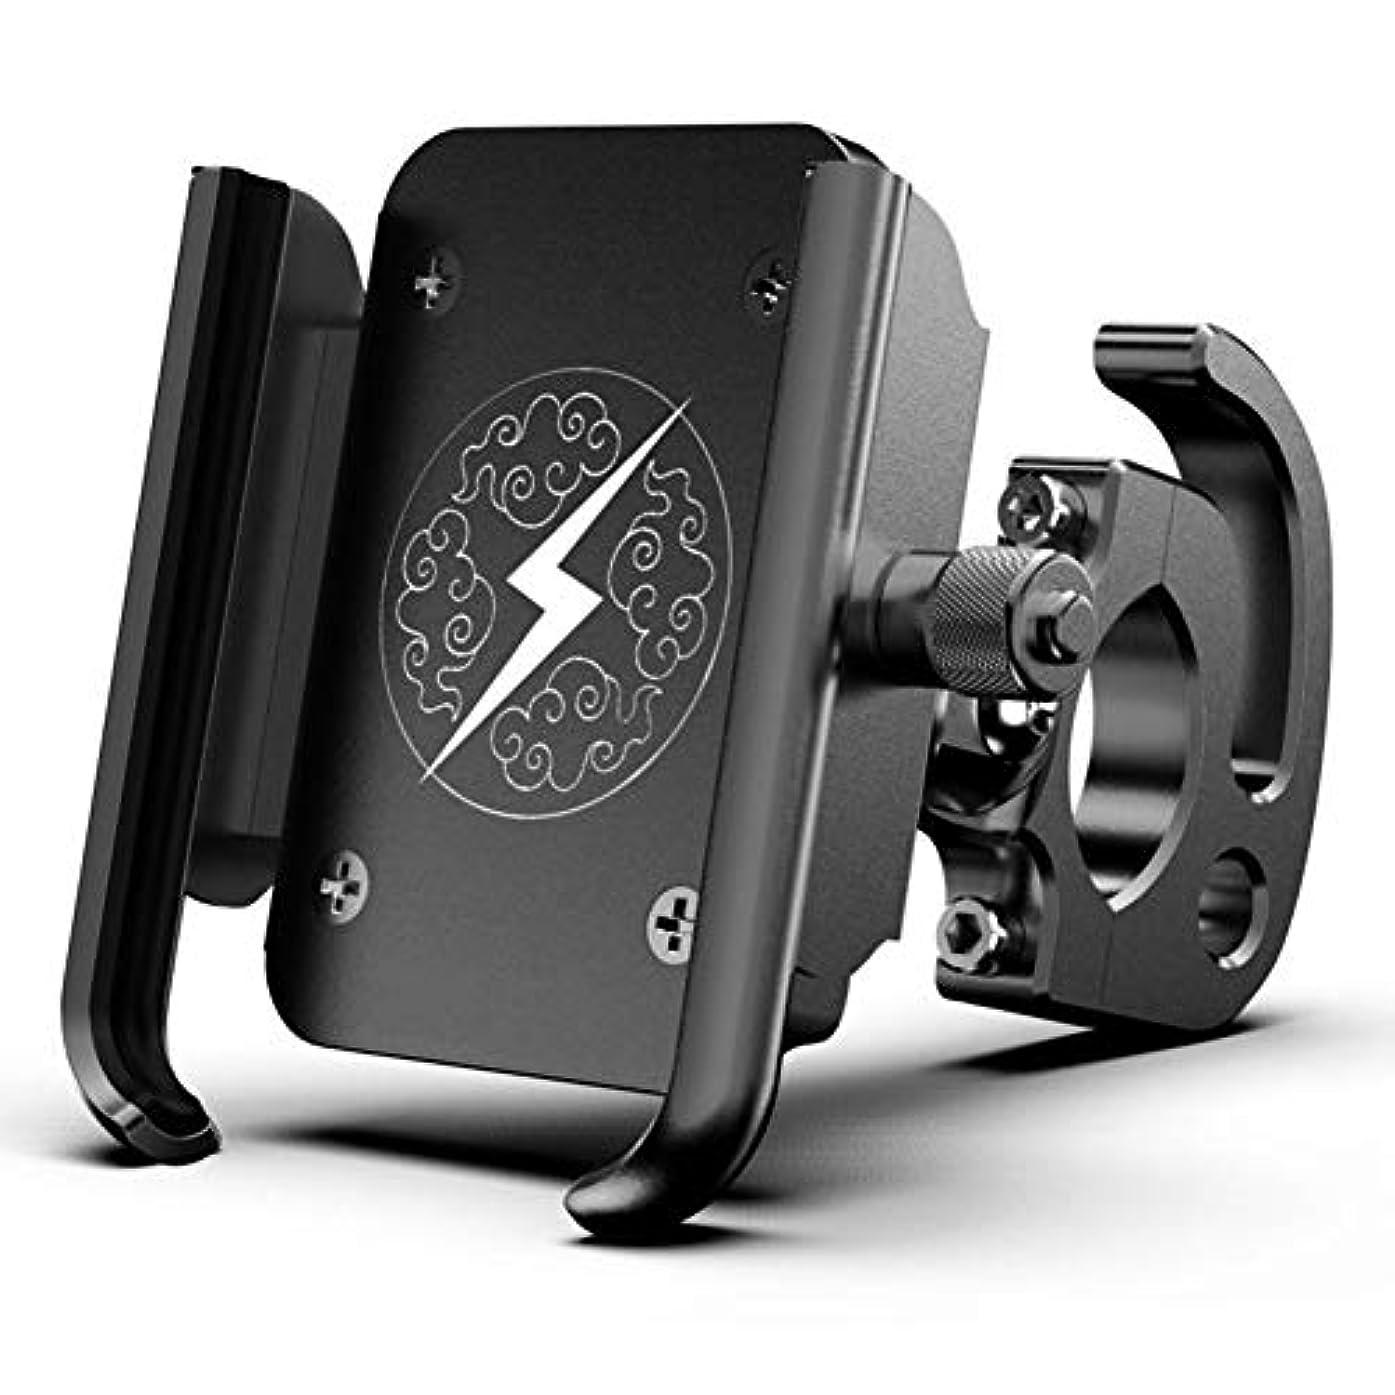 イソギンチャク調子共役自転車オートバイ携帯電話マウントホルダー - 360度回転 フック付きオートバイ車アルミニウム合金携帯電話ブラケット、あらゆるスマートフォンGPS用 - ユニバーサルマウンテンロードバイクオートバイ